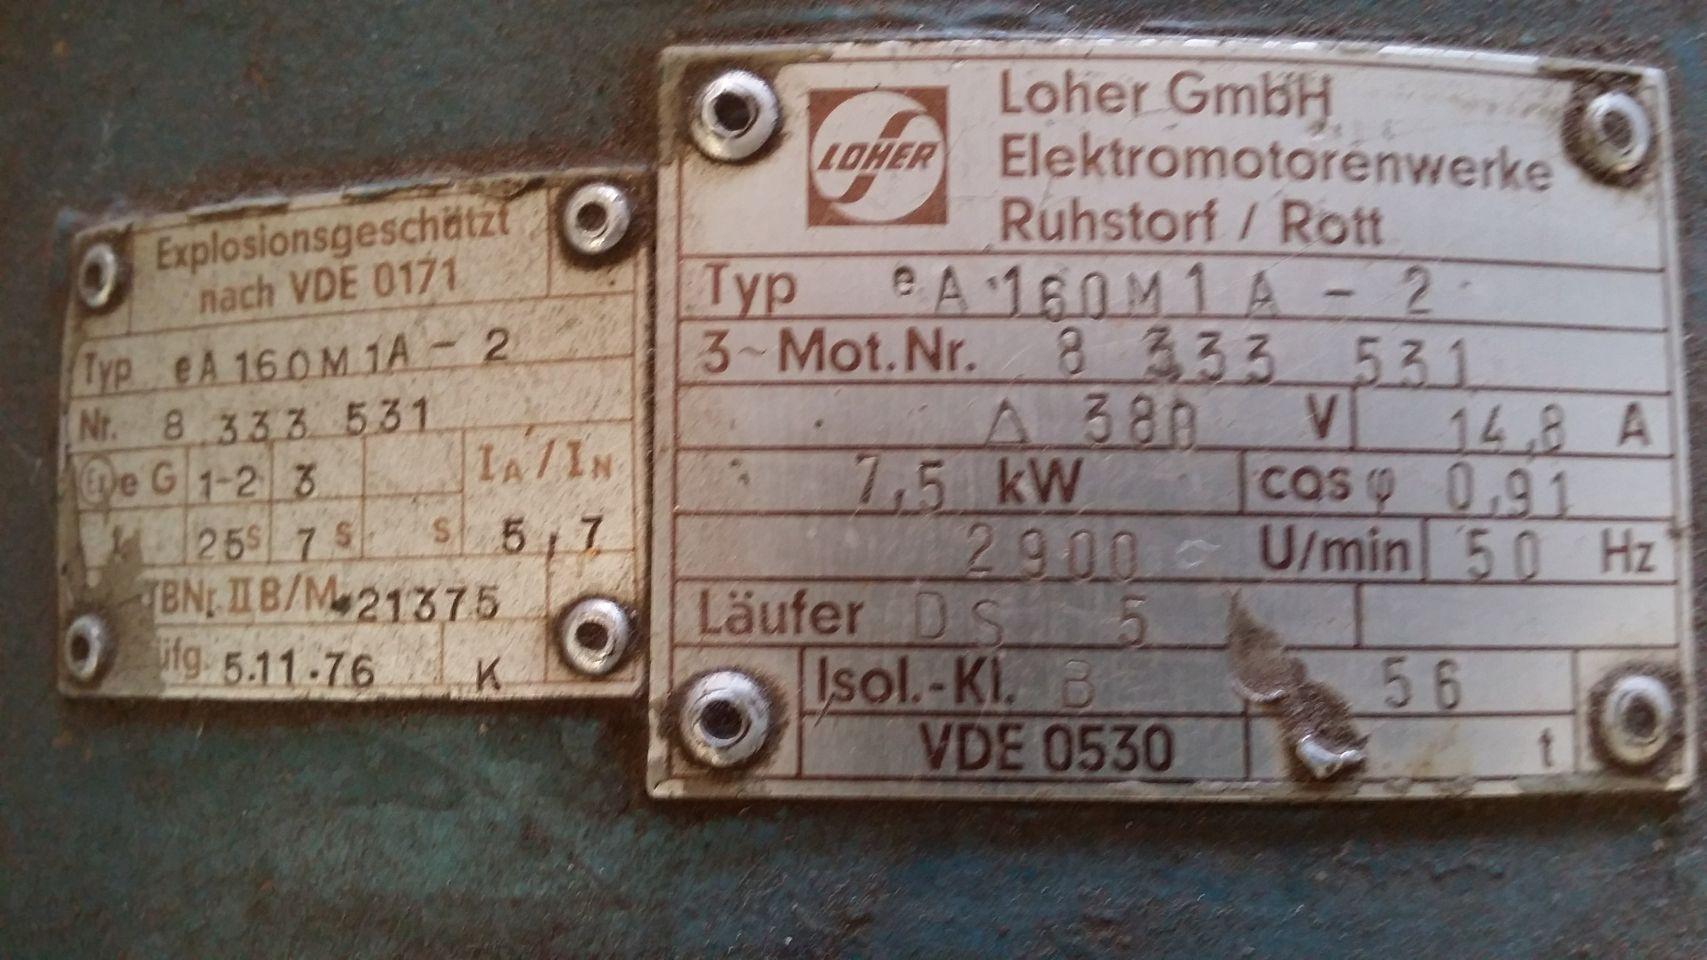 Loher 7.5 kW airpress